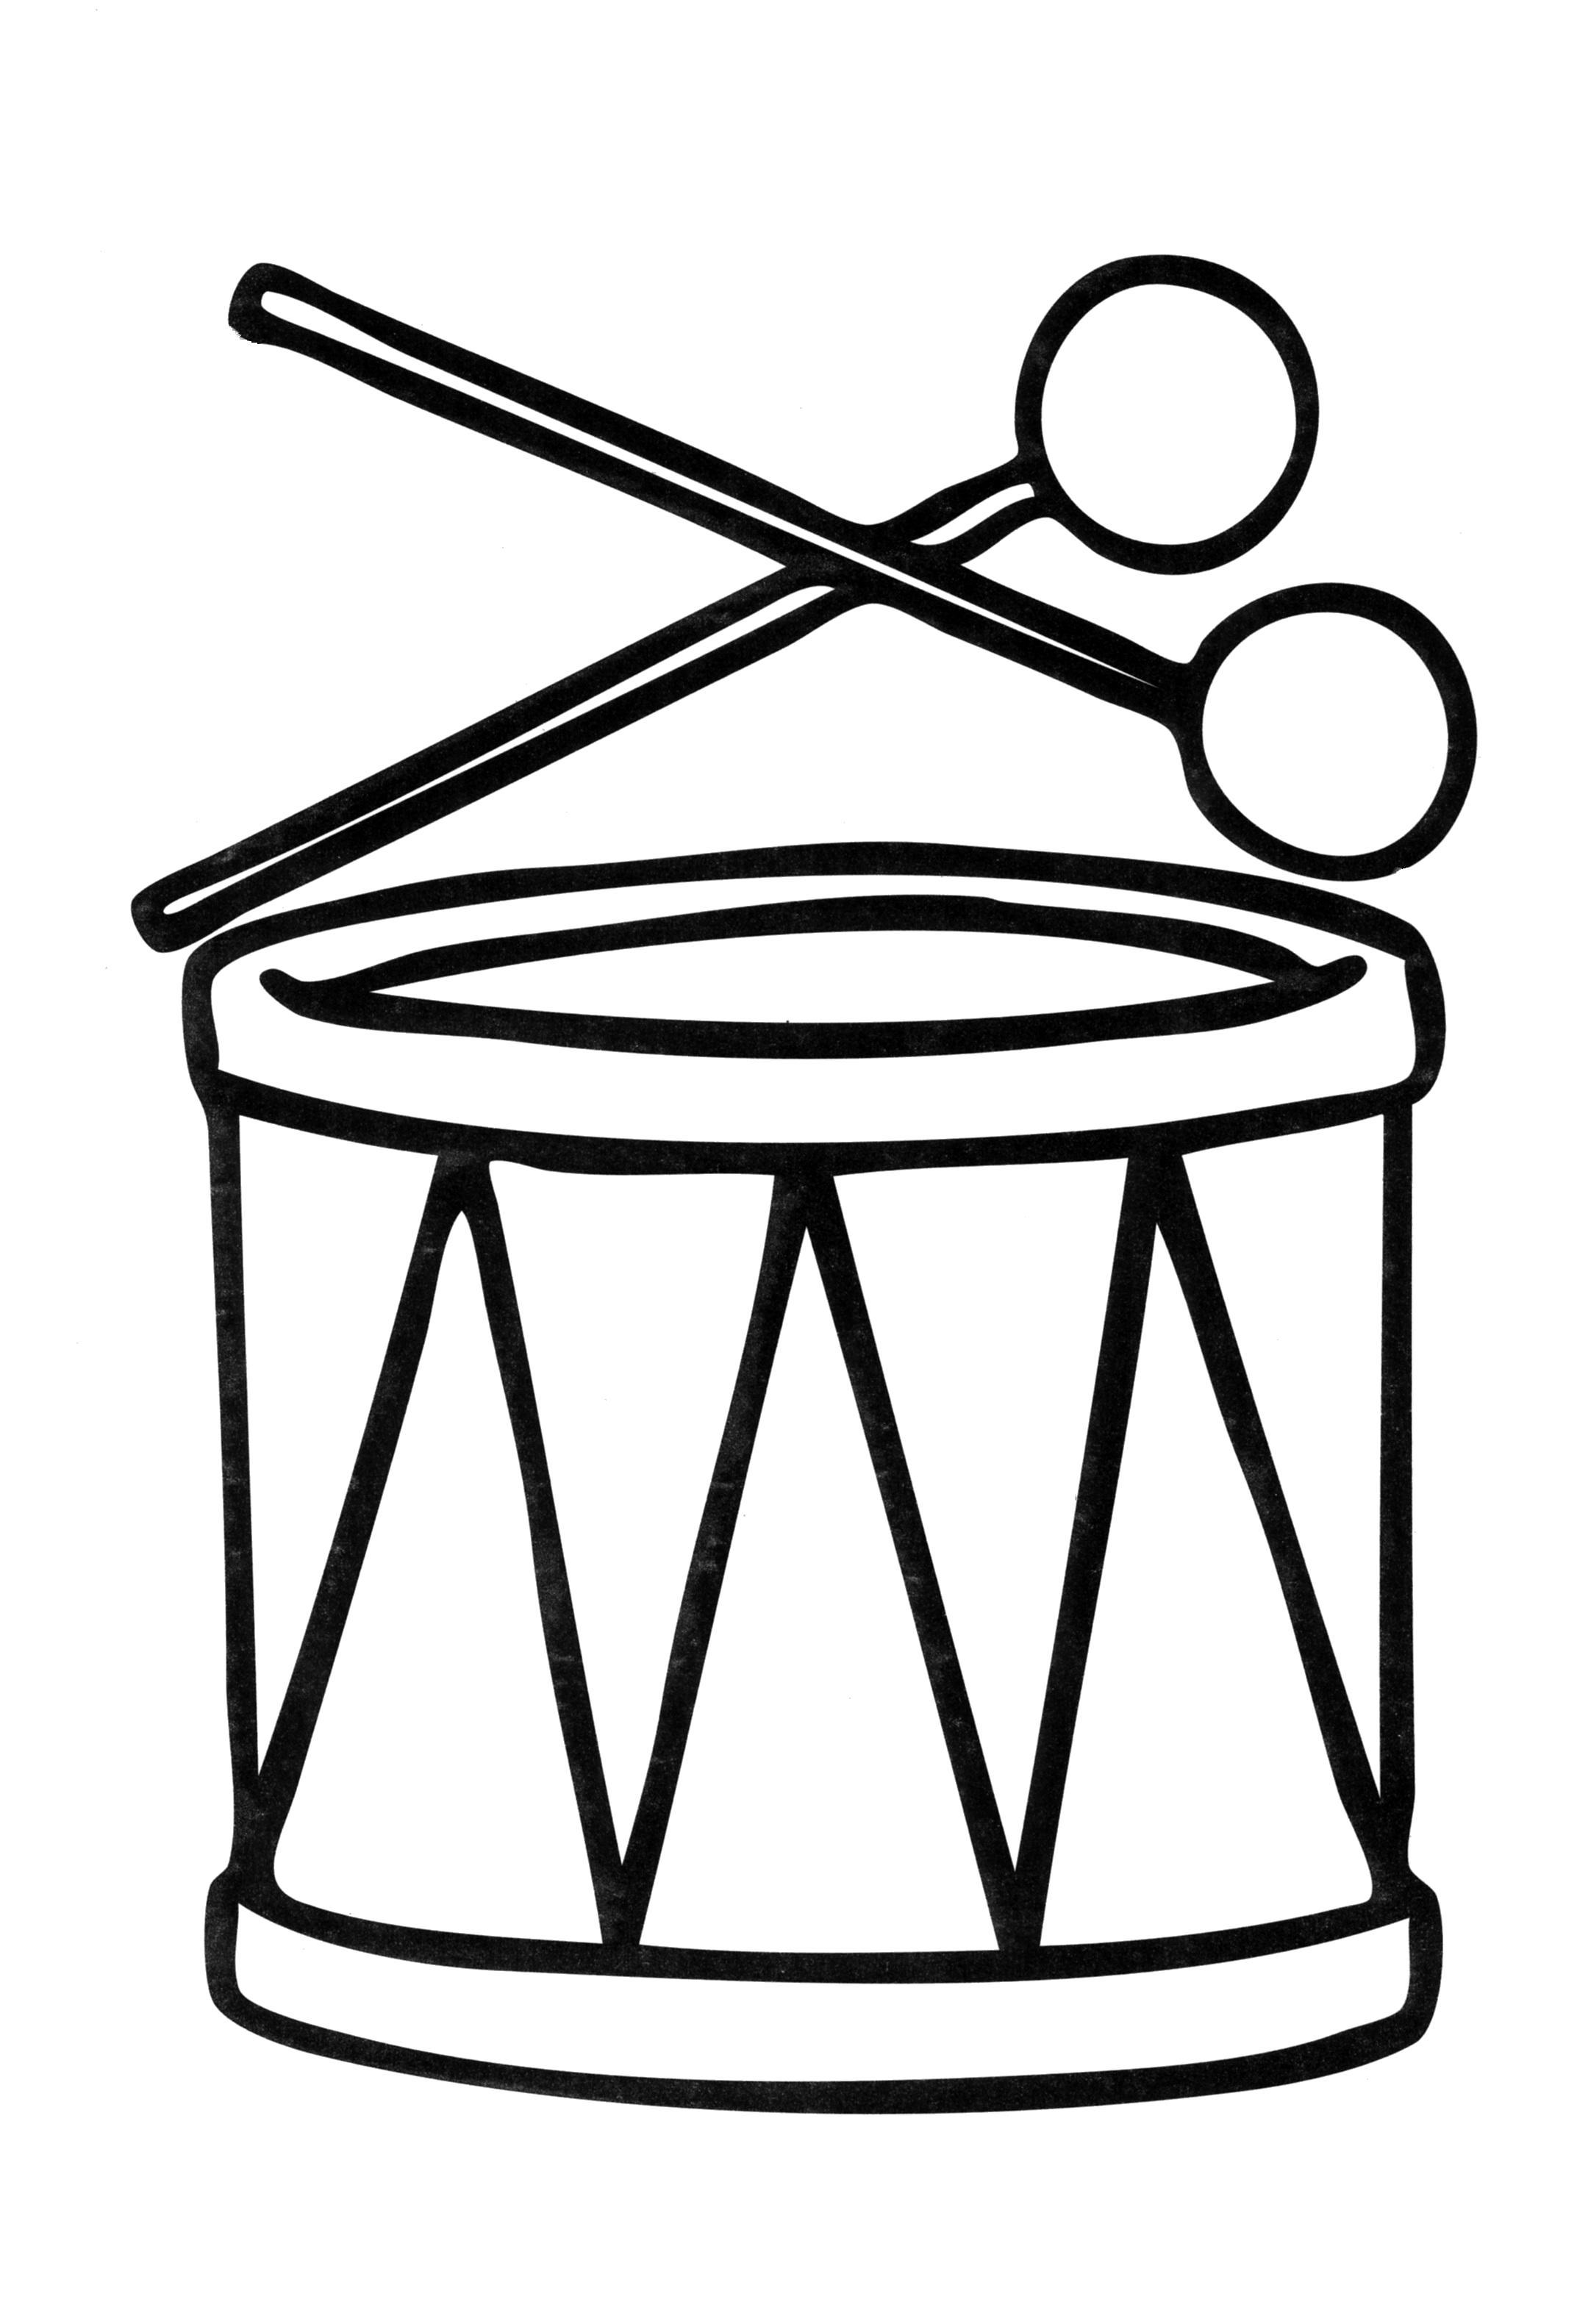 Раскраска  для малышей. Скачать Барабан.  Распечатать Барабан